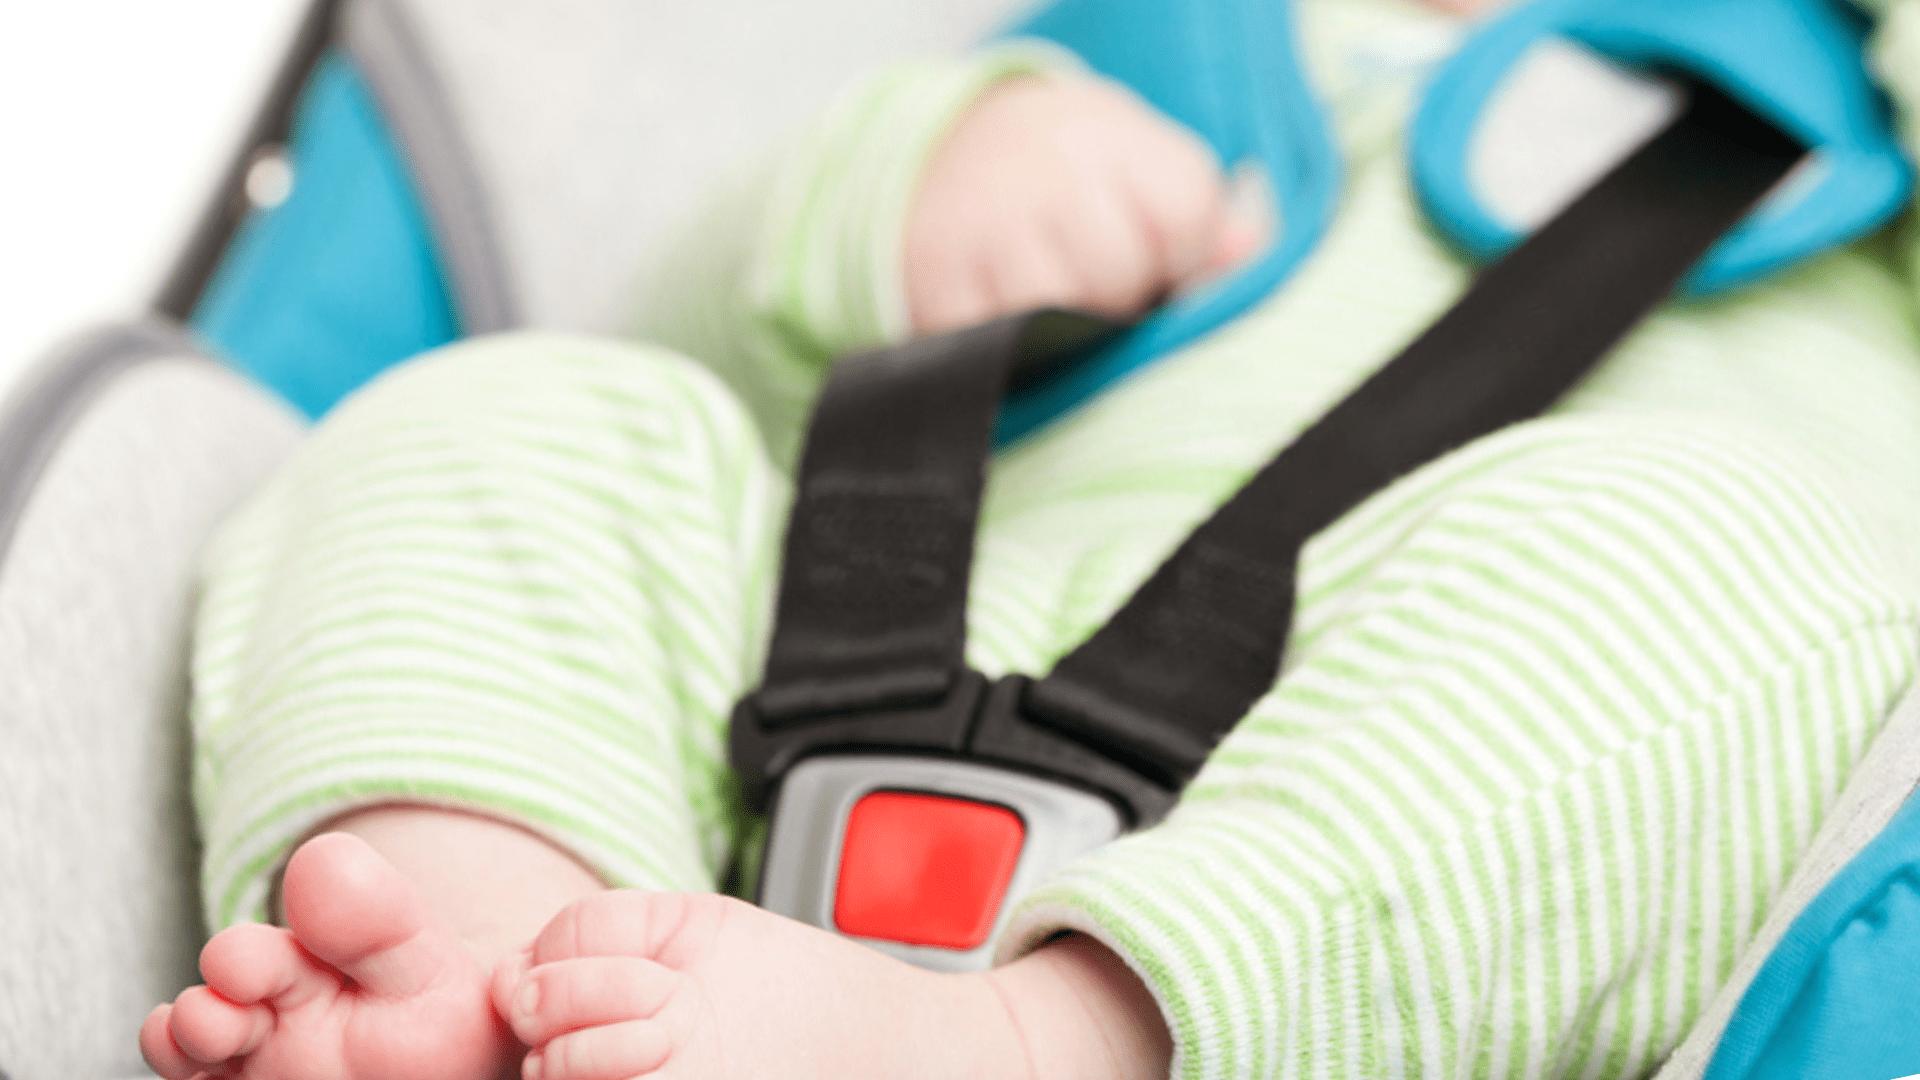 O carrinho de bebê com cinto de segurança de 3 pontos mantém a criança confortável (Imagem: Reprodução/Shutterstock)